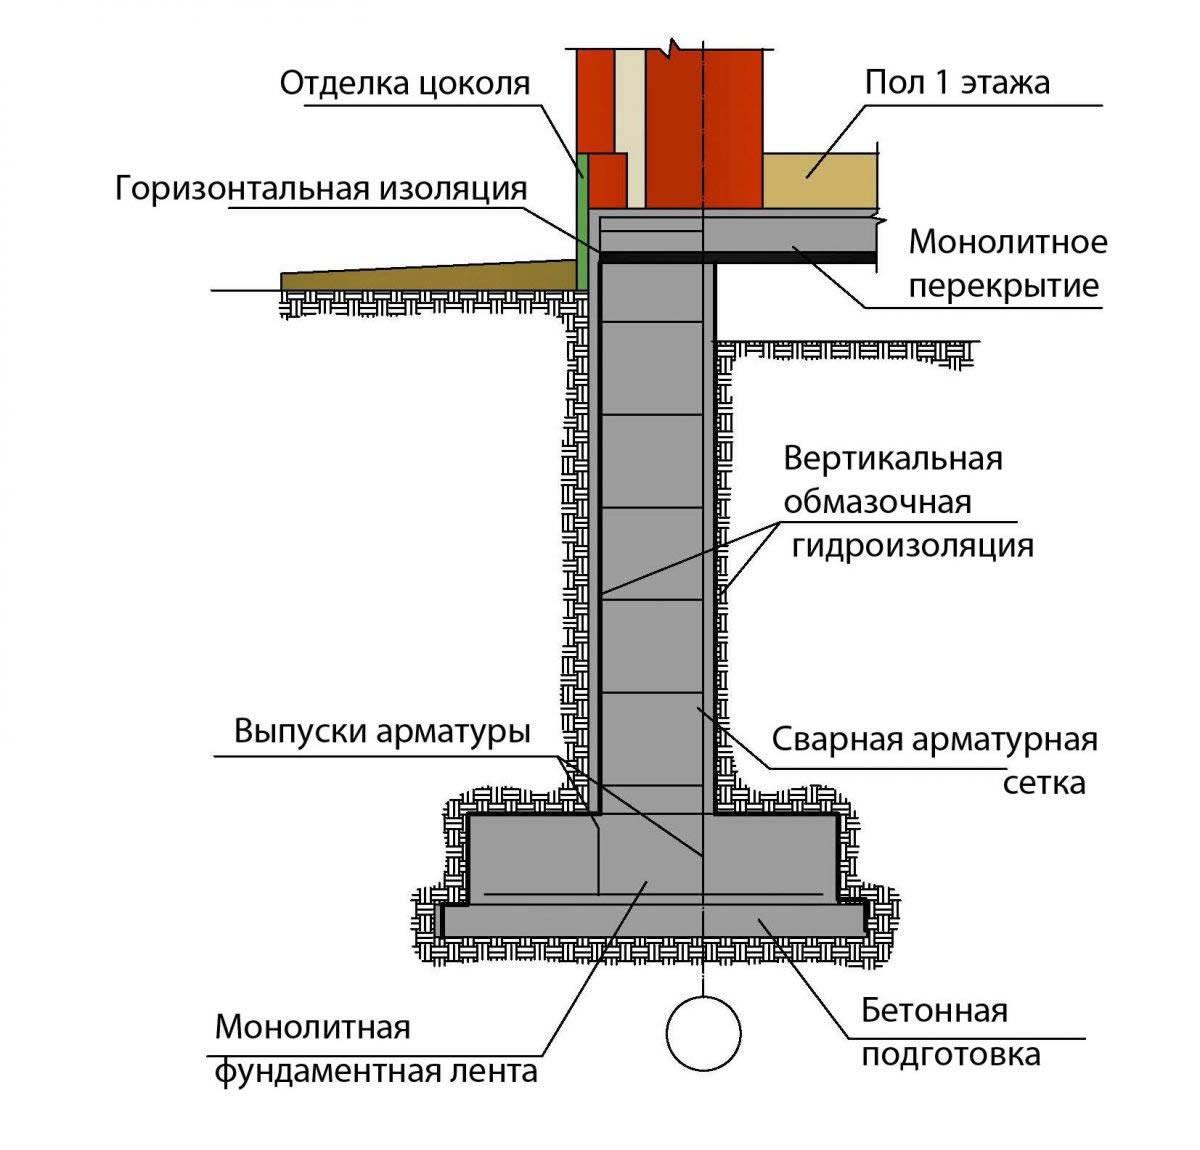 Гидроизоляция свайно-ростверкововых фундаментов – stroim24.info